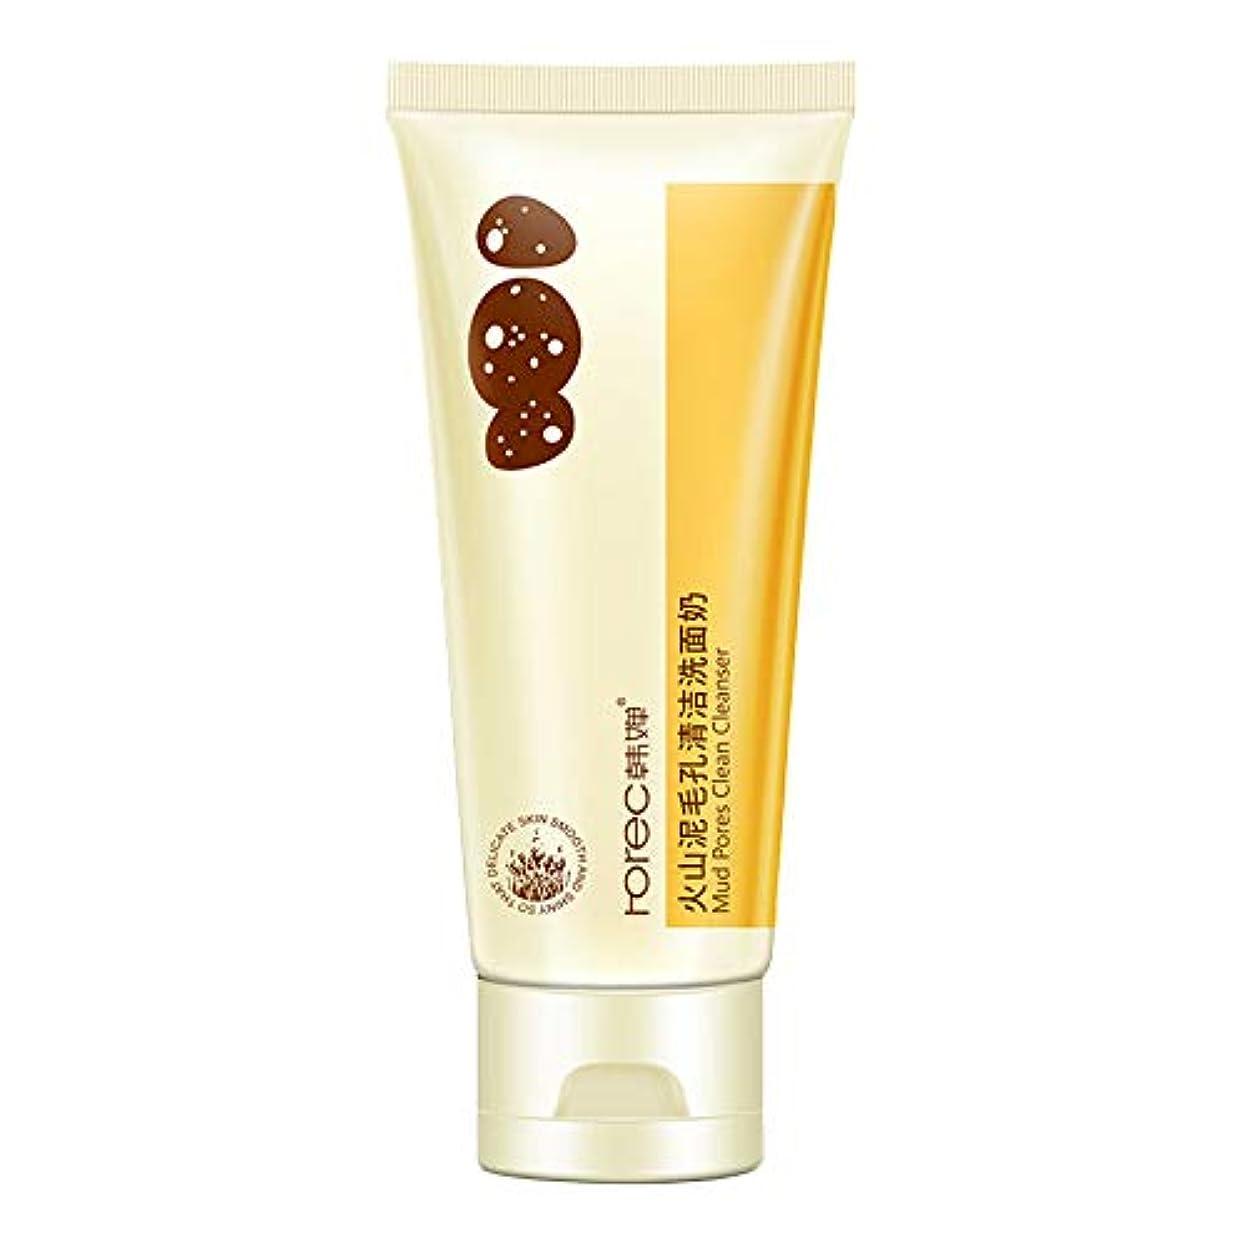 予測狂人ワインAkane Rorec 顔洗い 深層 清潔 綺麗に 保湿 浄化 角質除去 クレンジング オイルコントロール 火山泥 使いやすい 洗顔料 アロエクリーム NO.HC4328